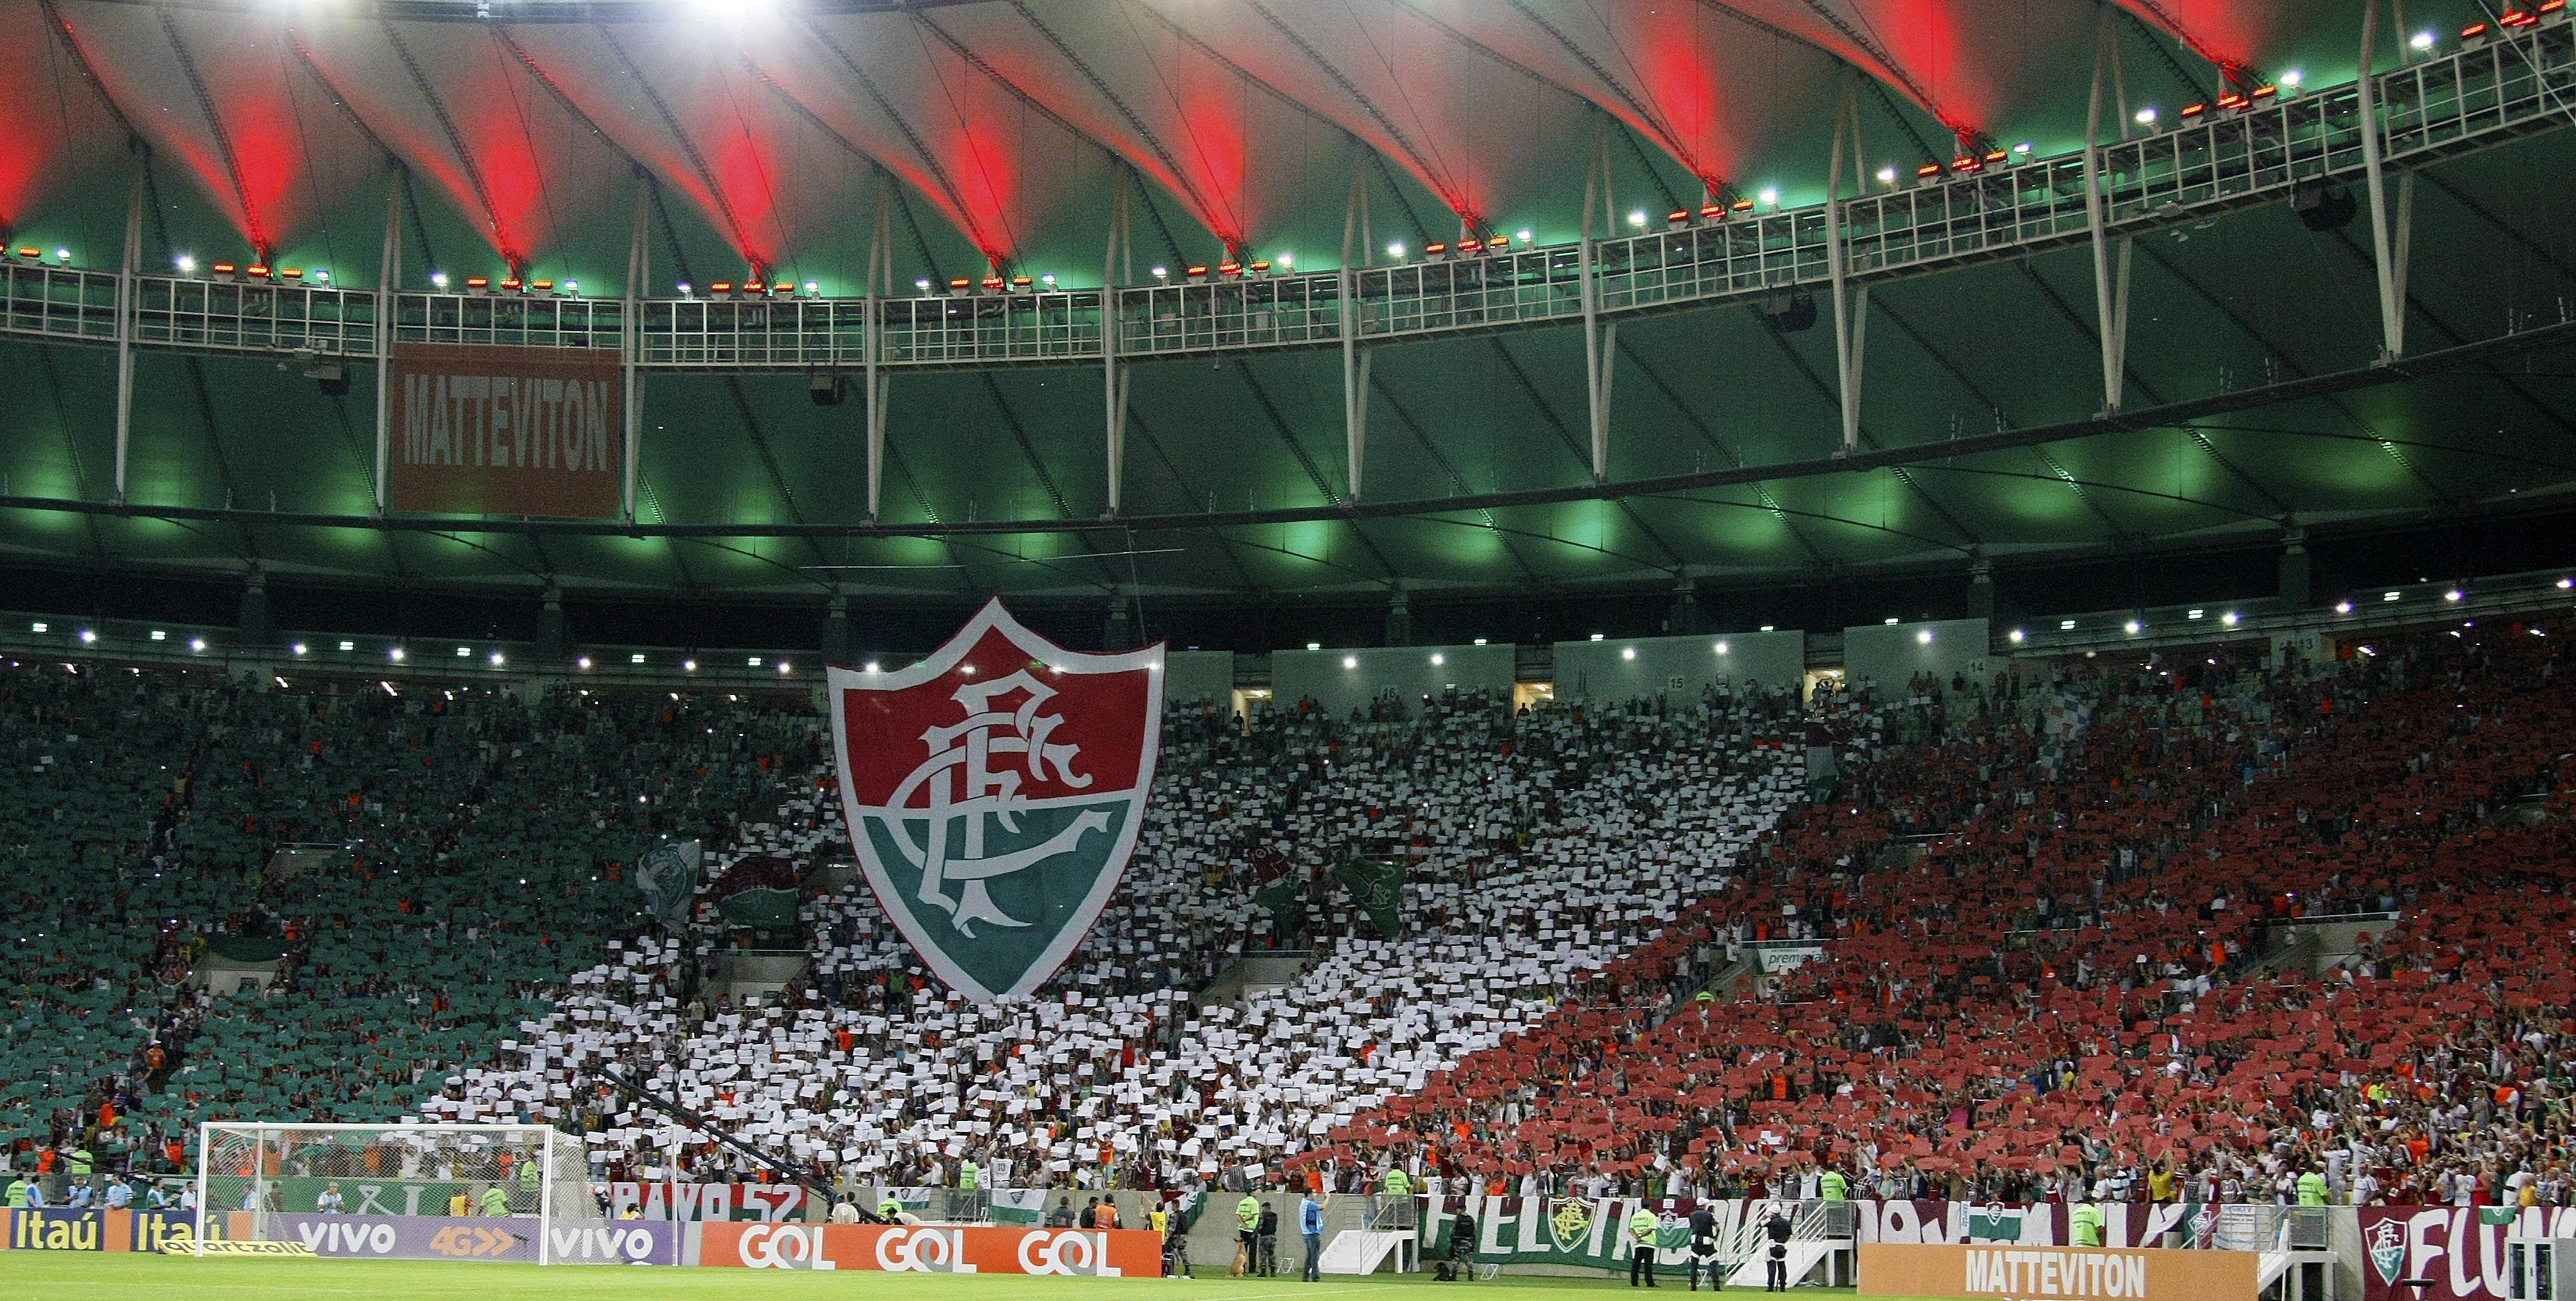 Em Partida Valida Pelas Oitavas De Final De Copa Conmebol Sul Americana O Fluminense Recebera A Ldu No Di Torcida Do Fluminense Fluminense Jogo Do Fluminense